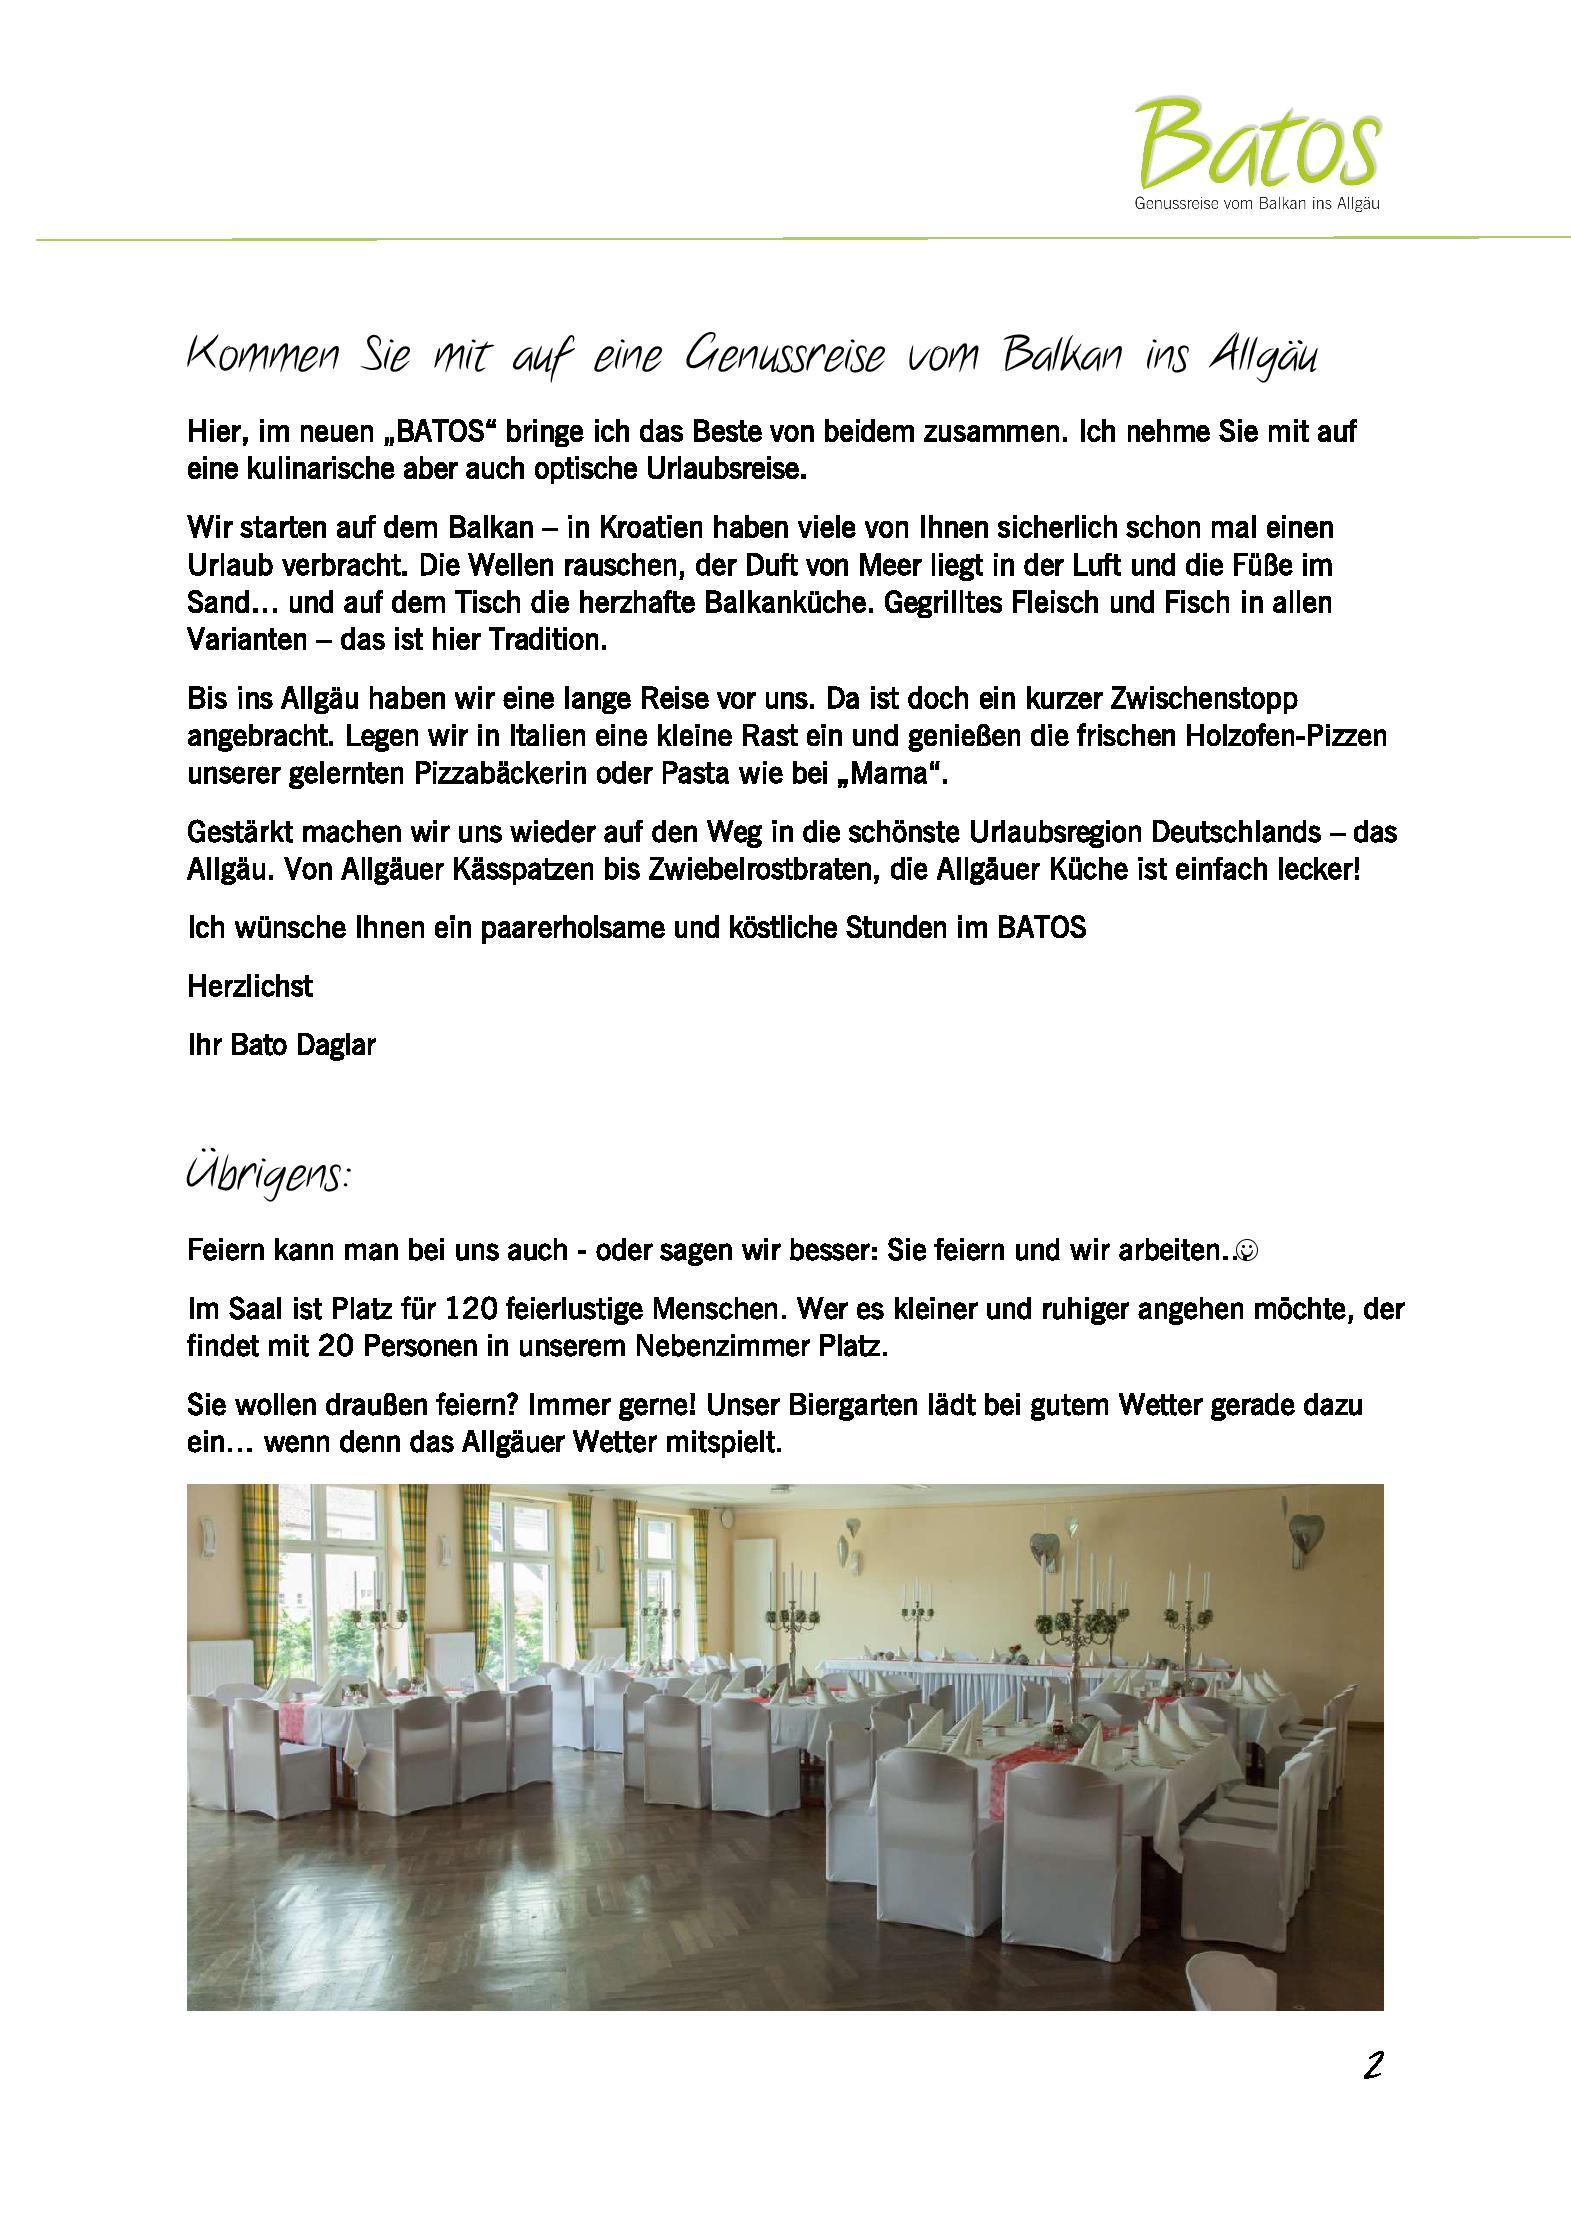 Deutschlands Schönste Küche 2016 | Speisekarte Restaurant Batos Genussreise Vom Balkan Ins Allgu In